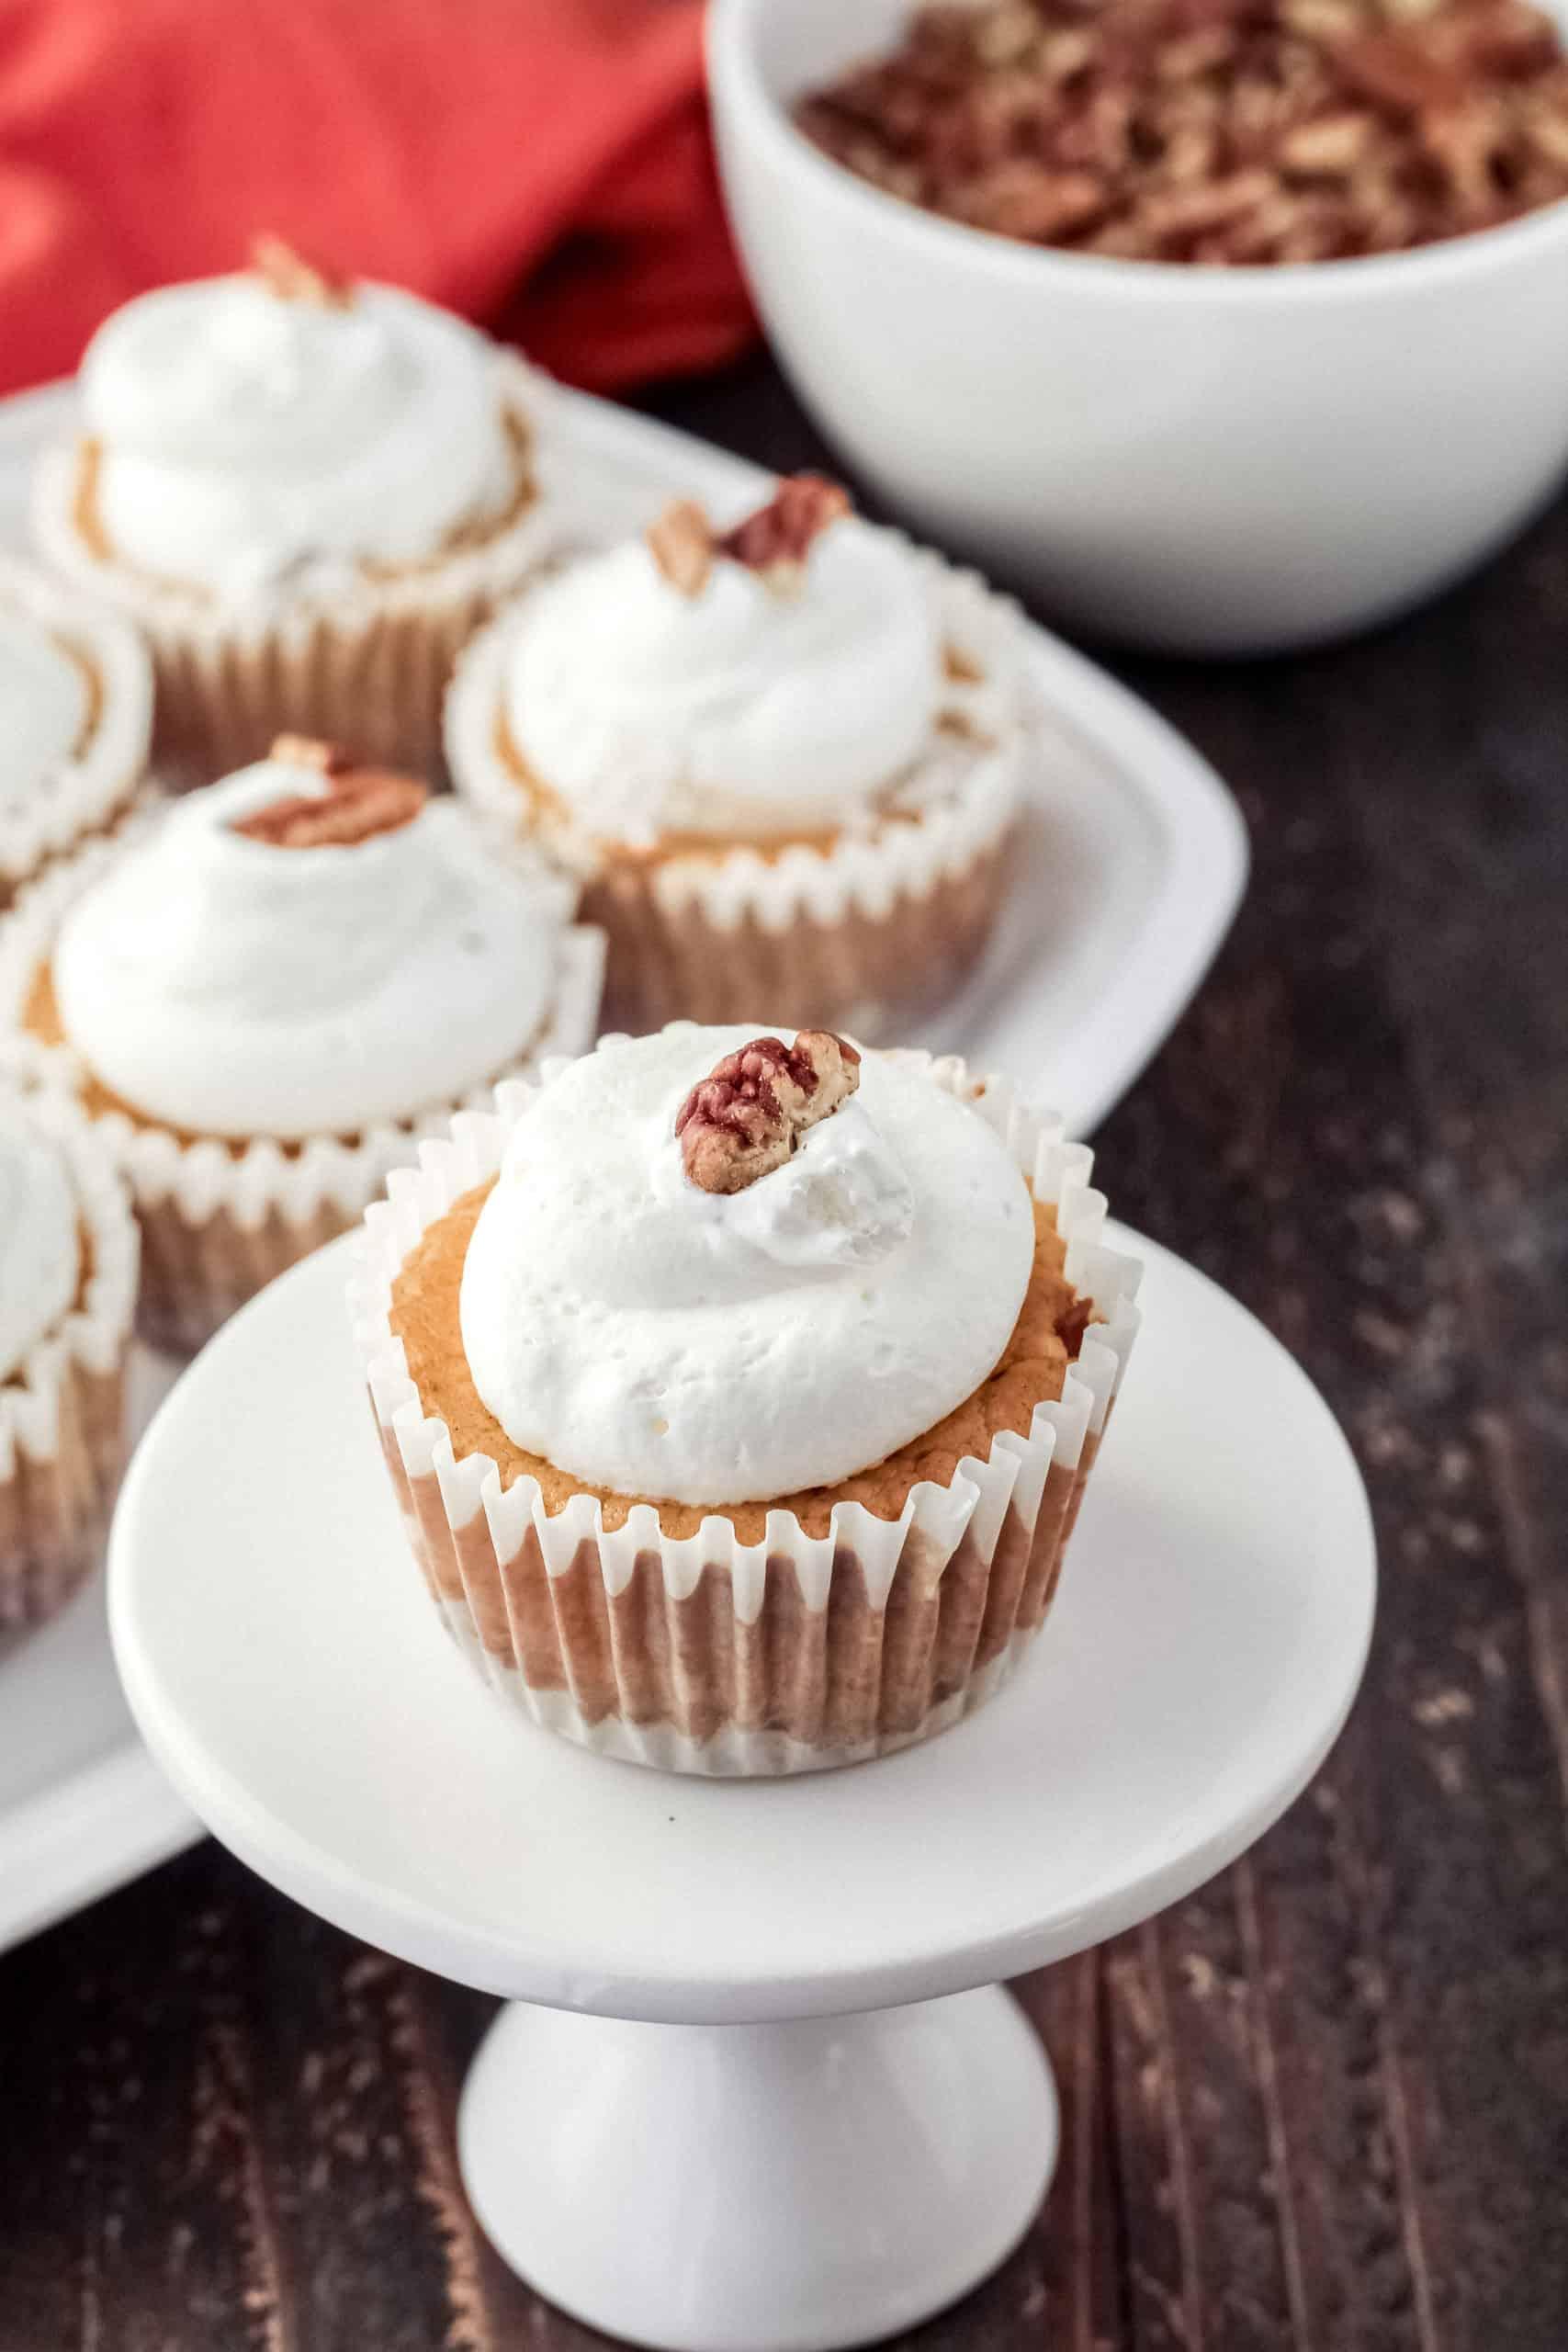 Mini cheesecake on a plate